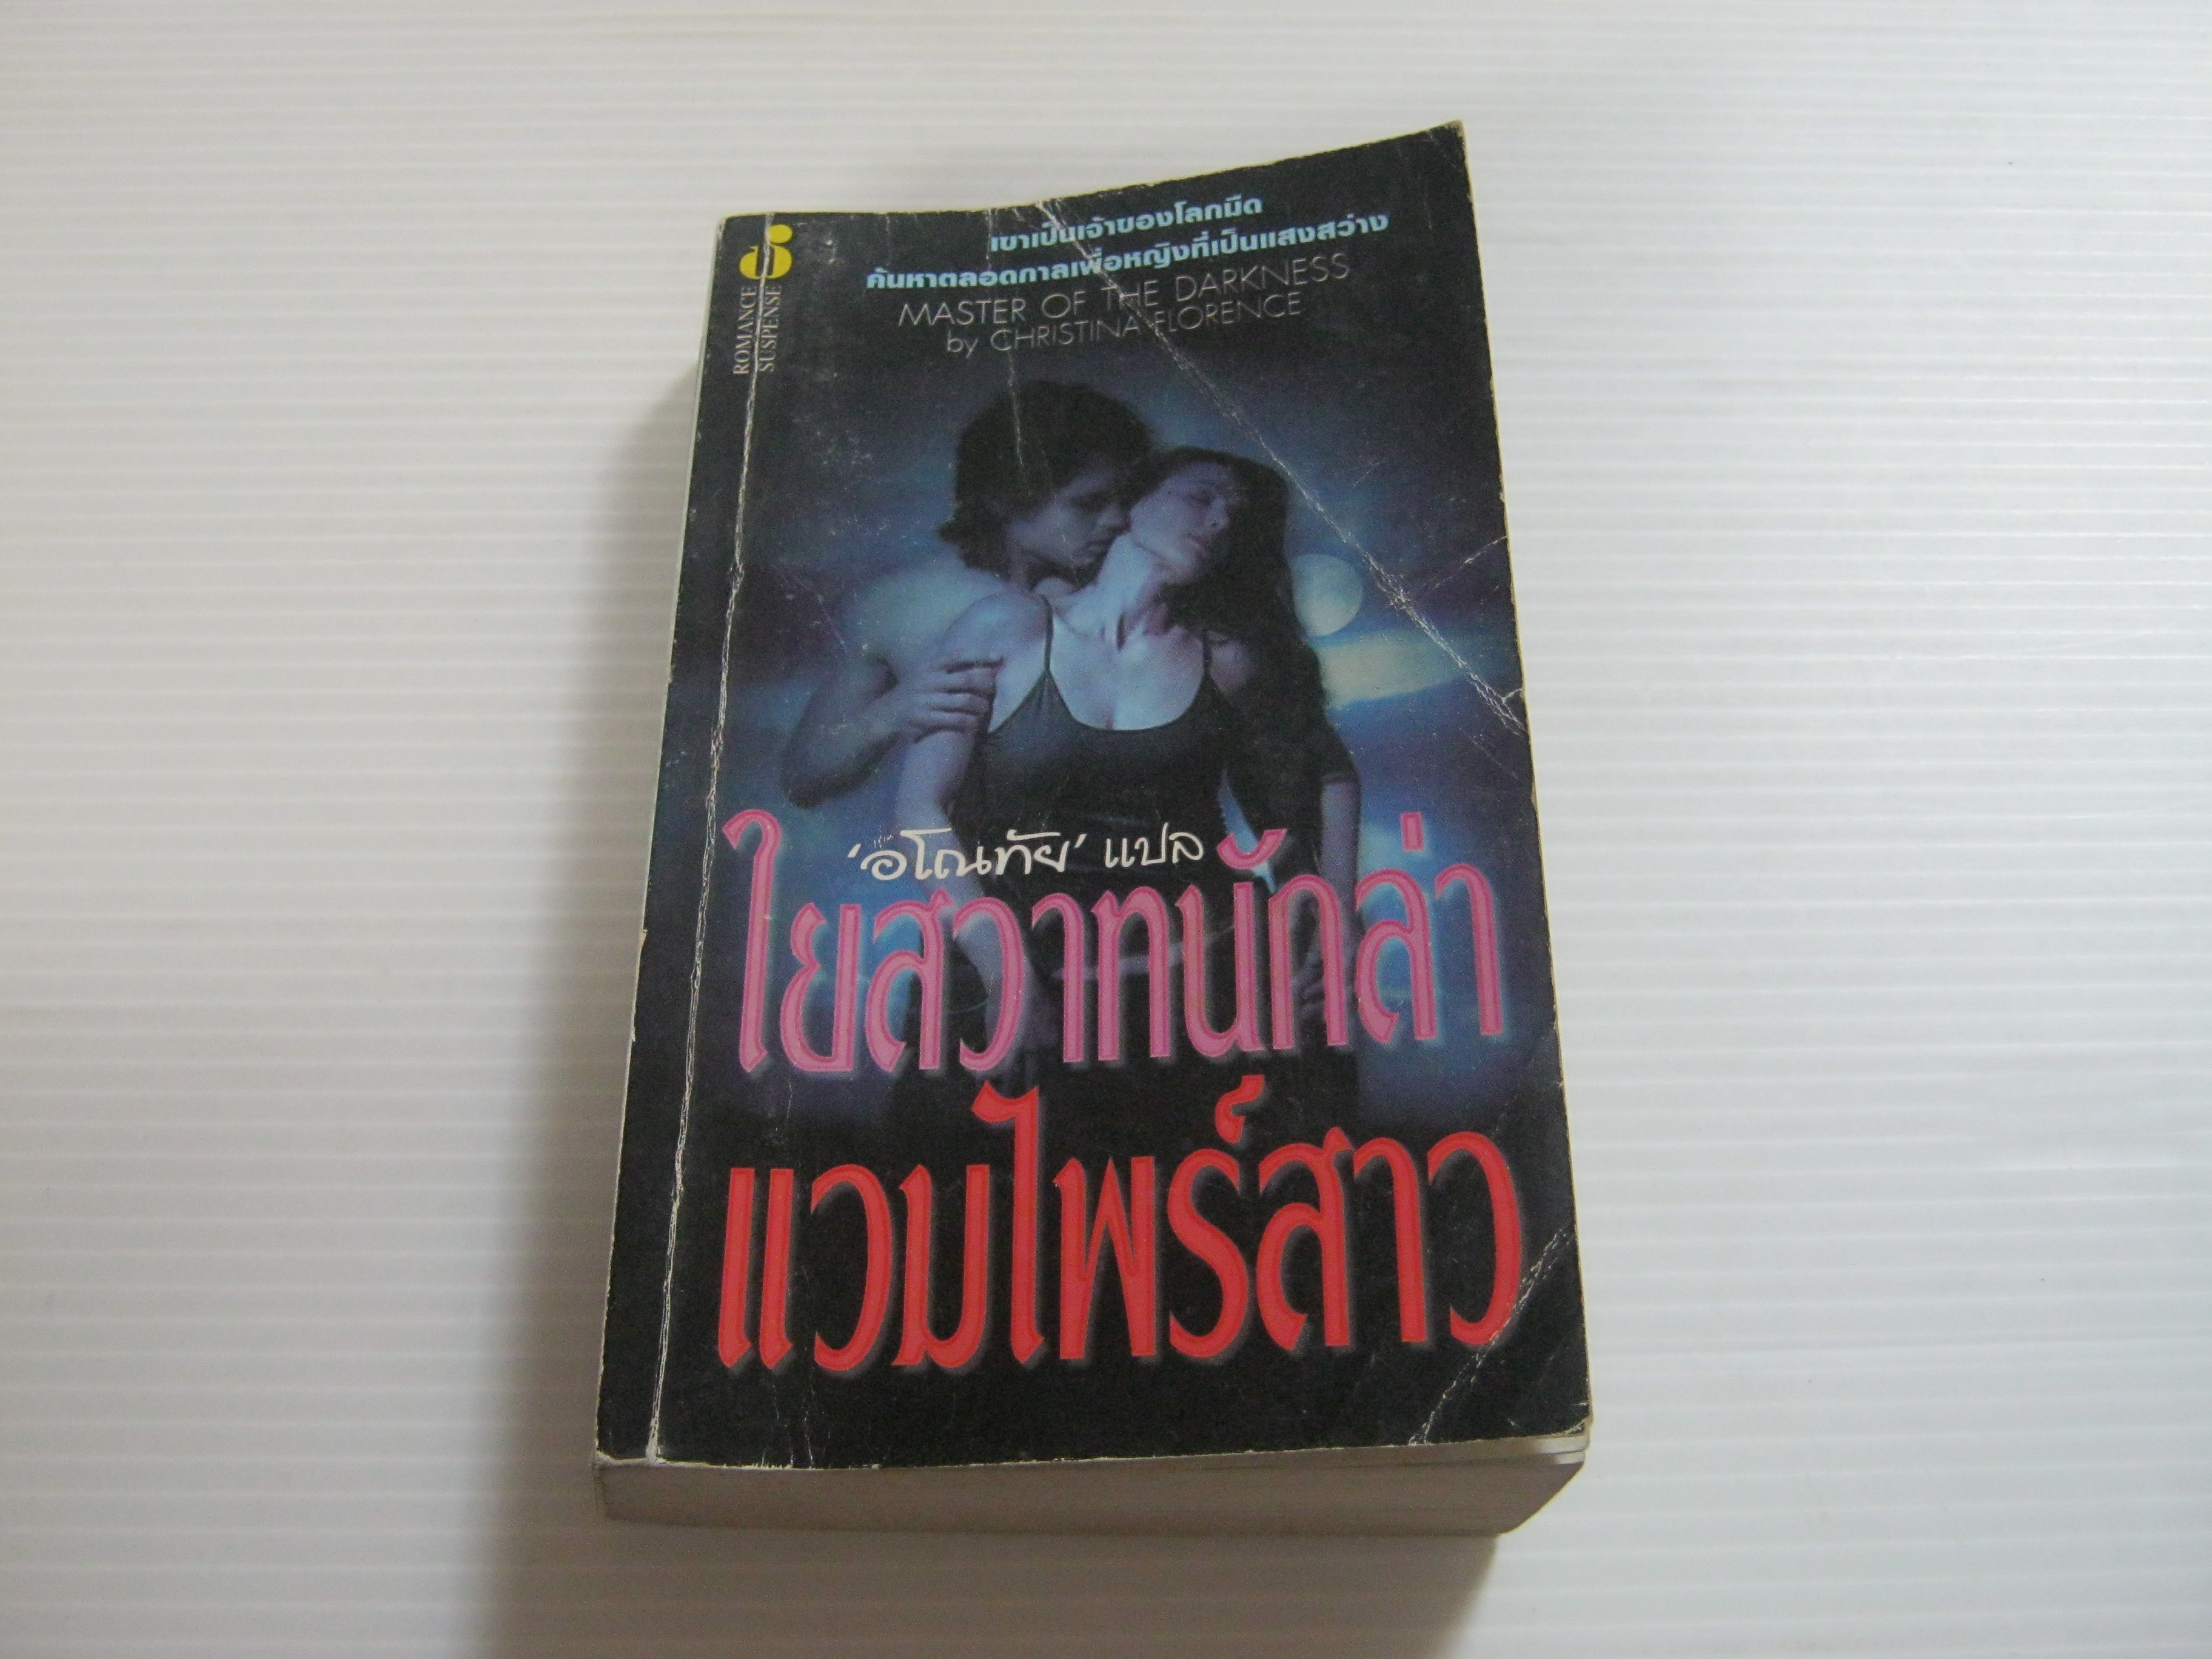 ใยสวาทนักล่าแวมไพร์สาว (Master of The Darkness) Christina Florence เขียน อโณทัย แปล